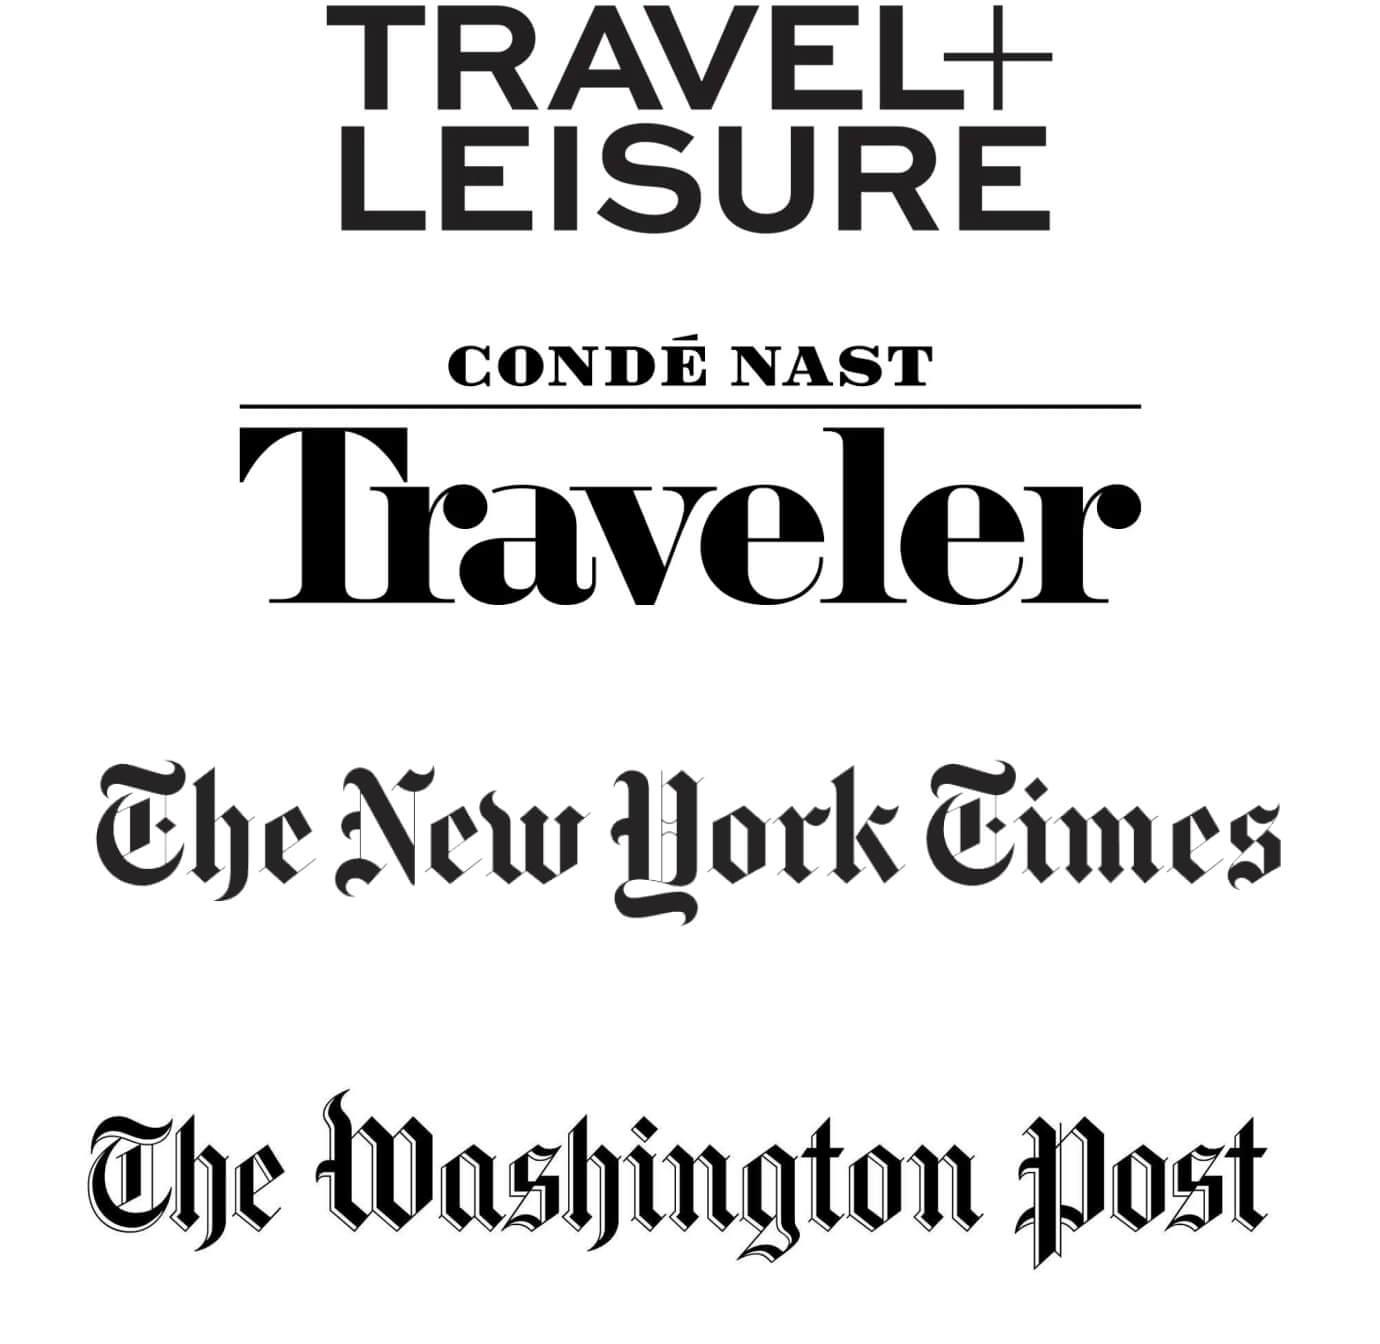 Image of media website logos